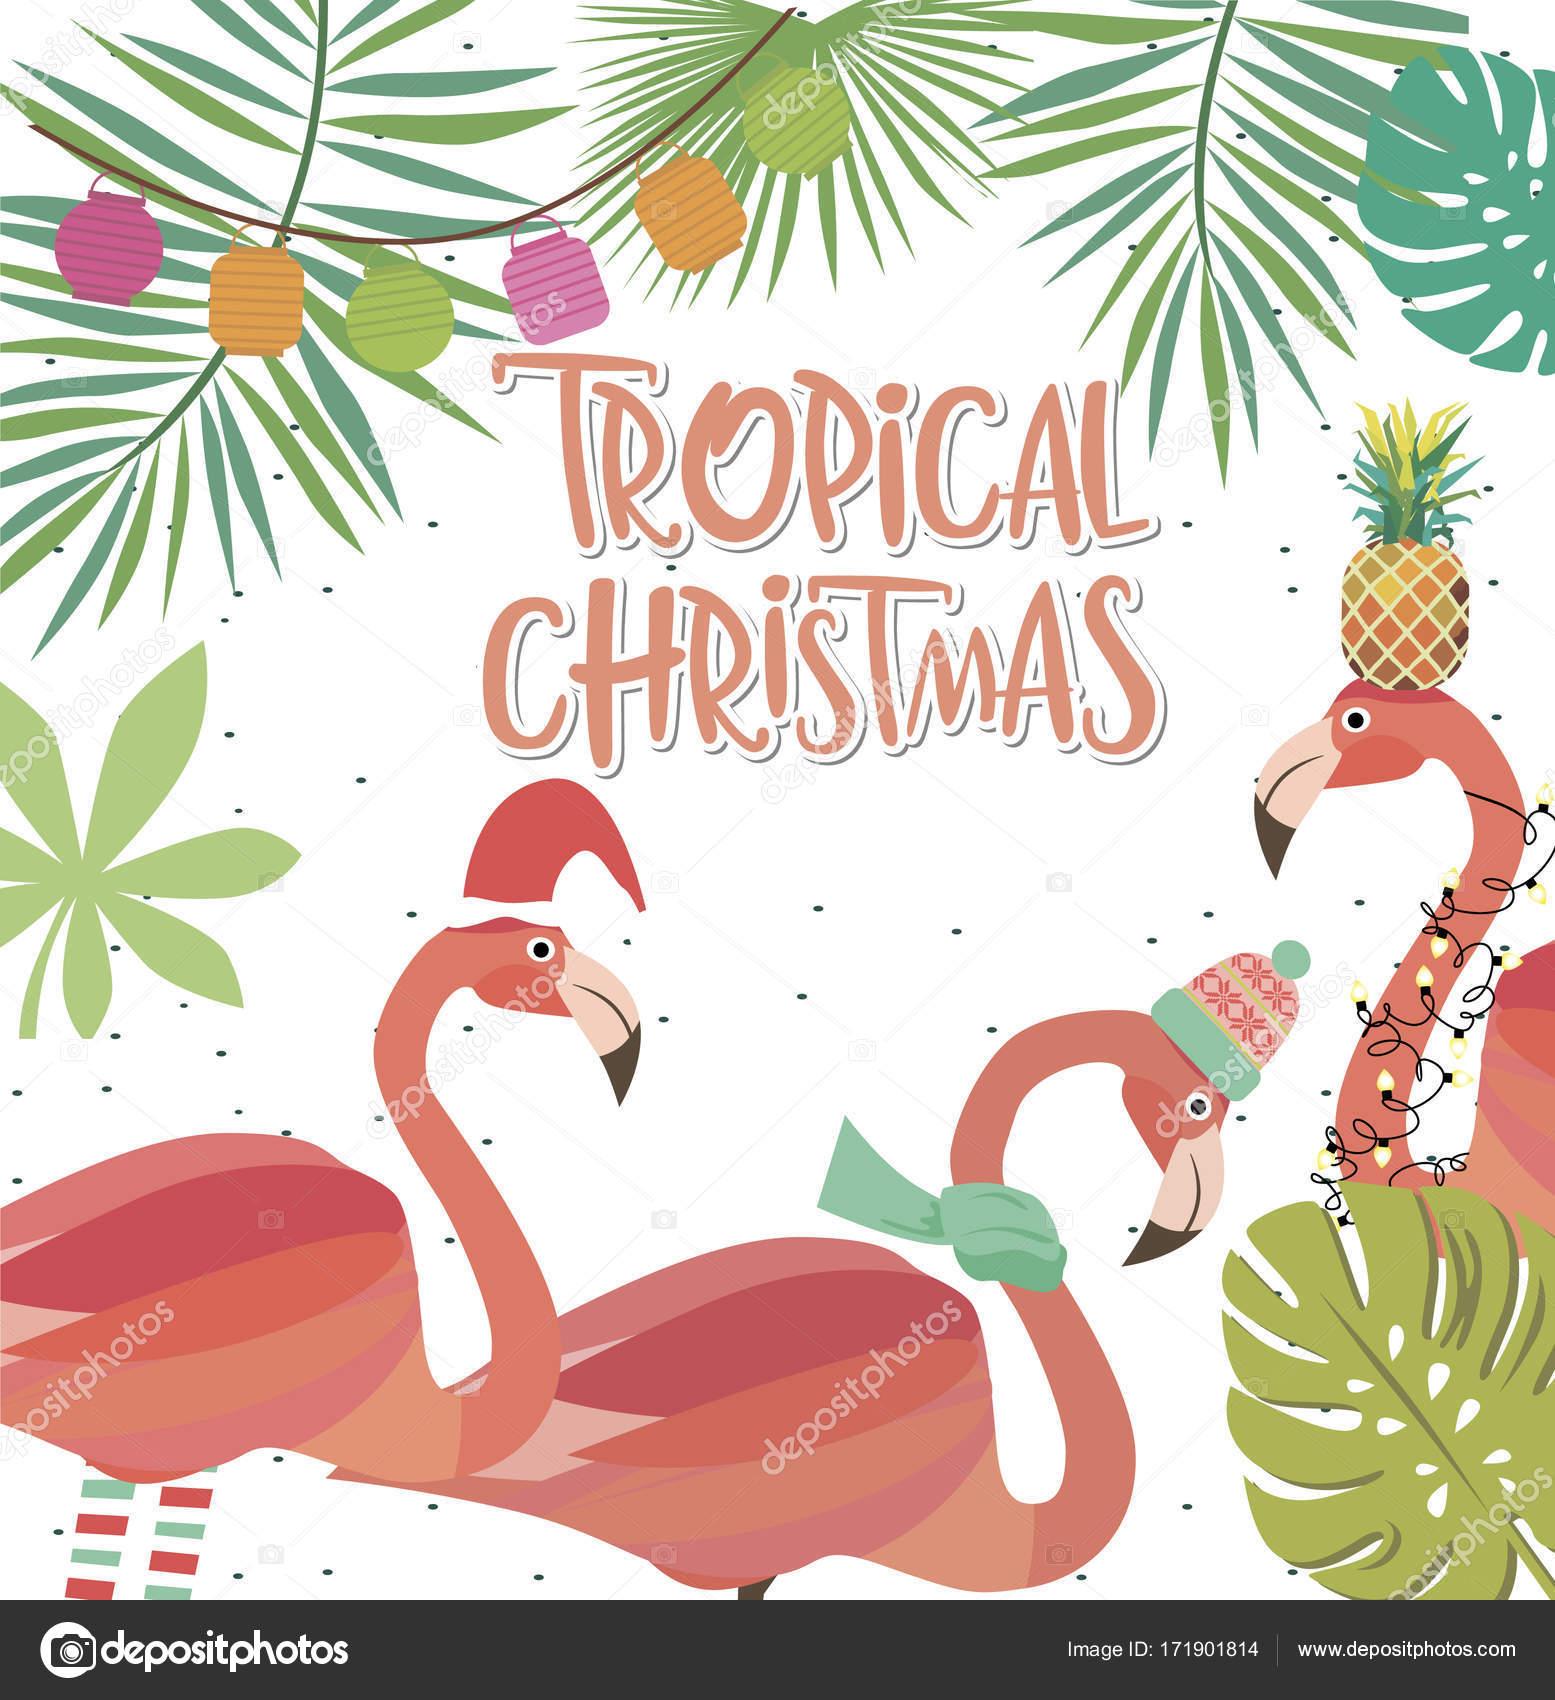 Tropical Christmas.Tropical Christmas Greeting Card Stock Vector C Miobuono12